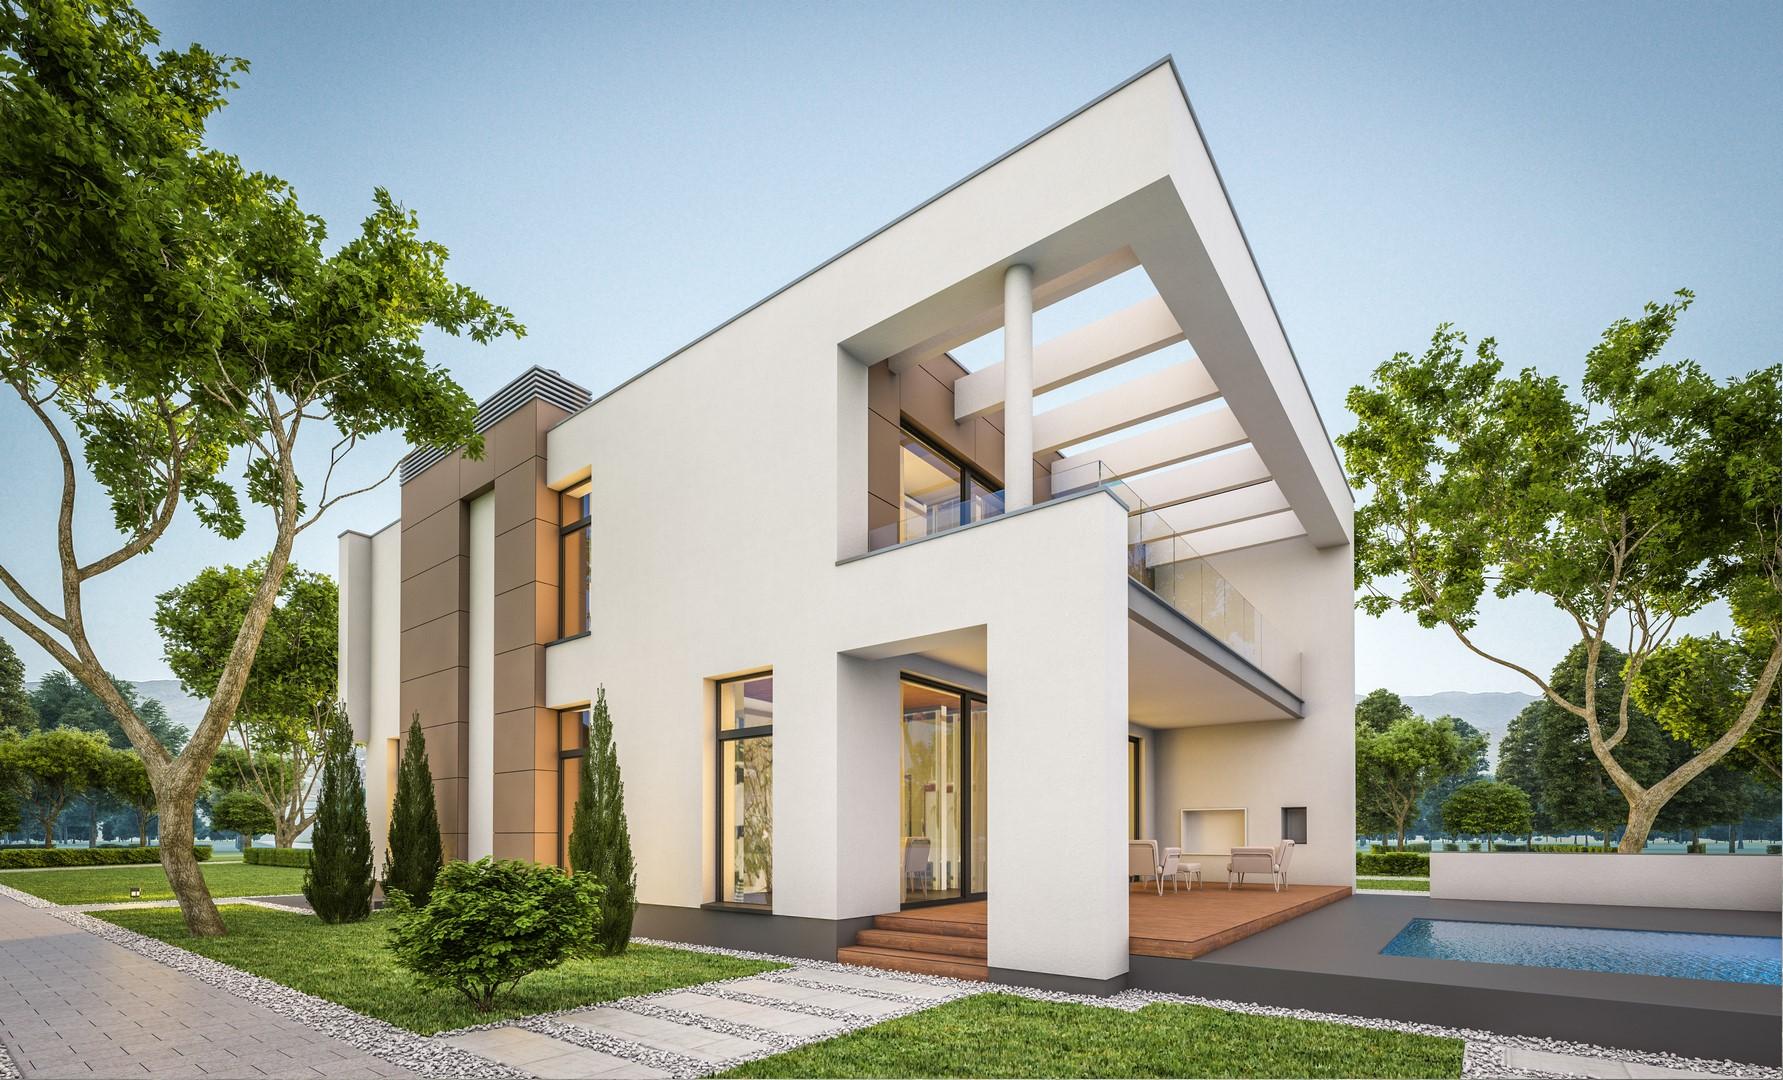 Les tops conseils pour réussir la construction d'une maison résidentielle